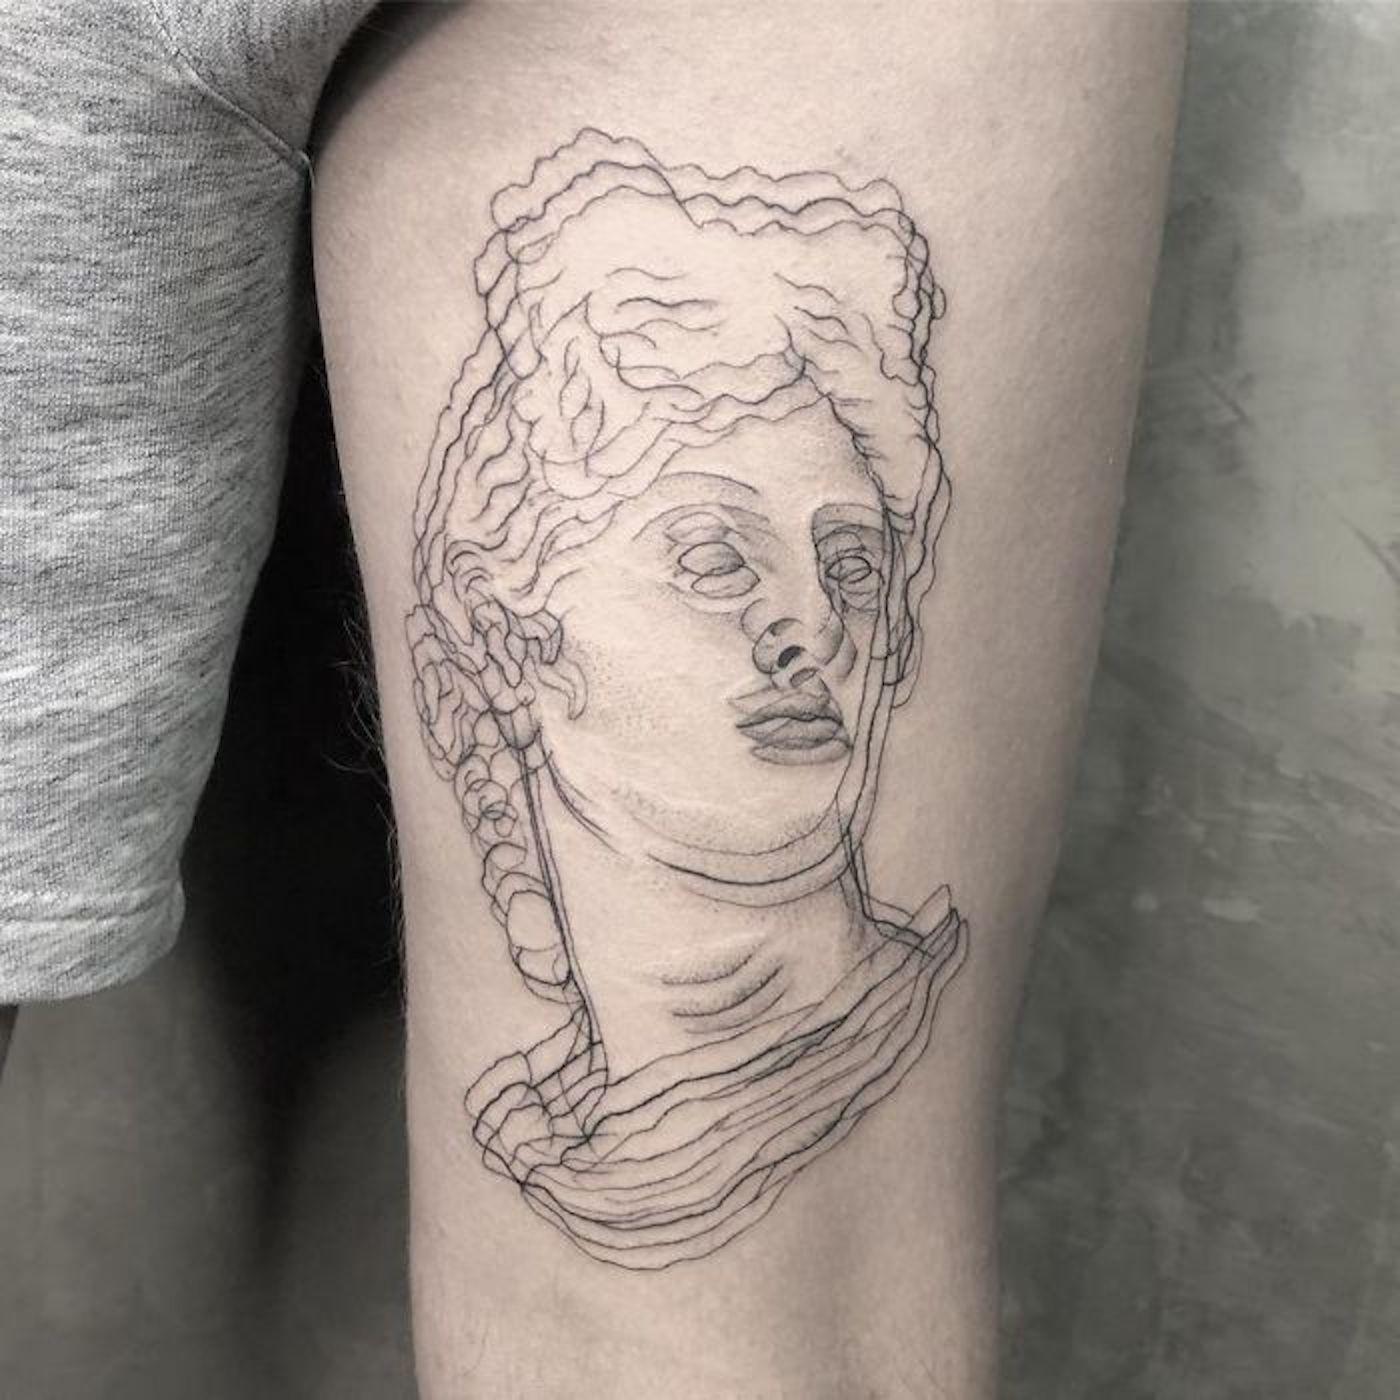 Les tatouages de Yatzil Elizalde sont impossibles à fixer dans les yeux